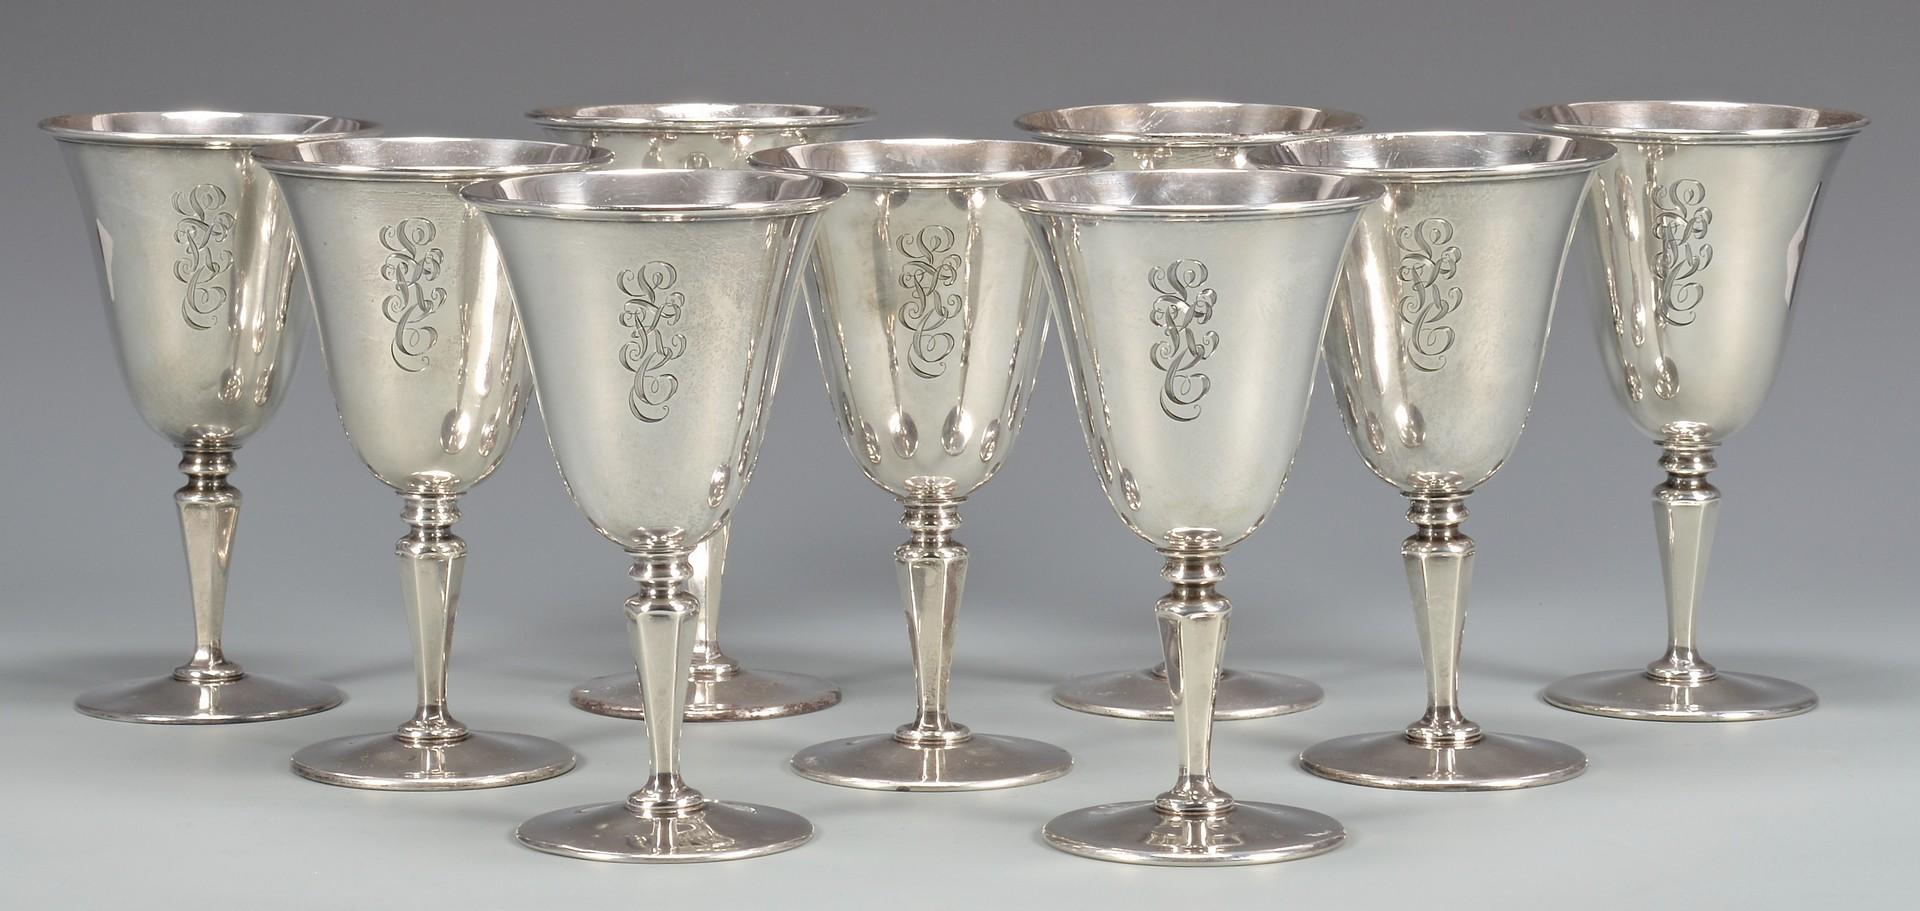 Lot 868: Set of 9 Sterling Goblets